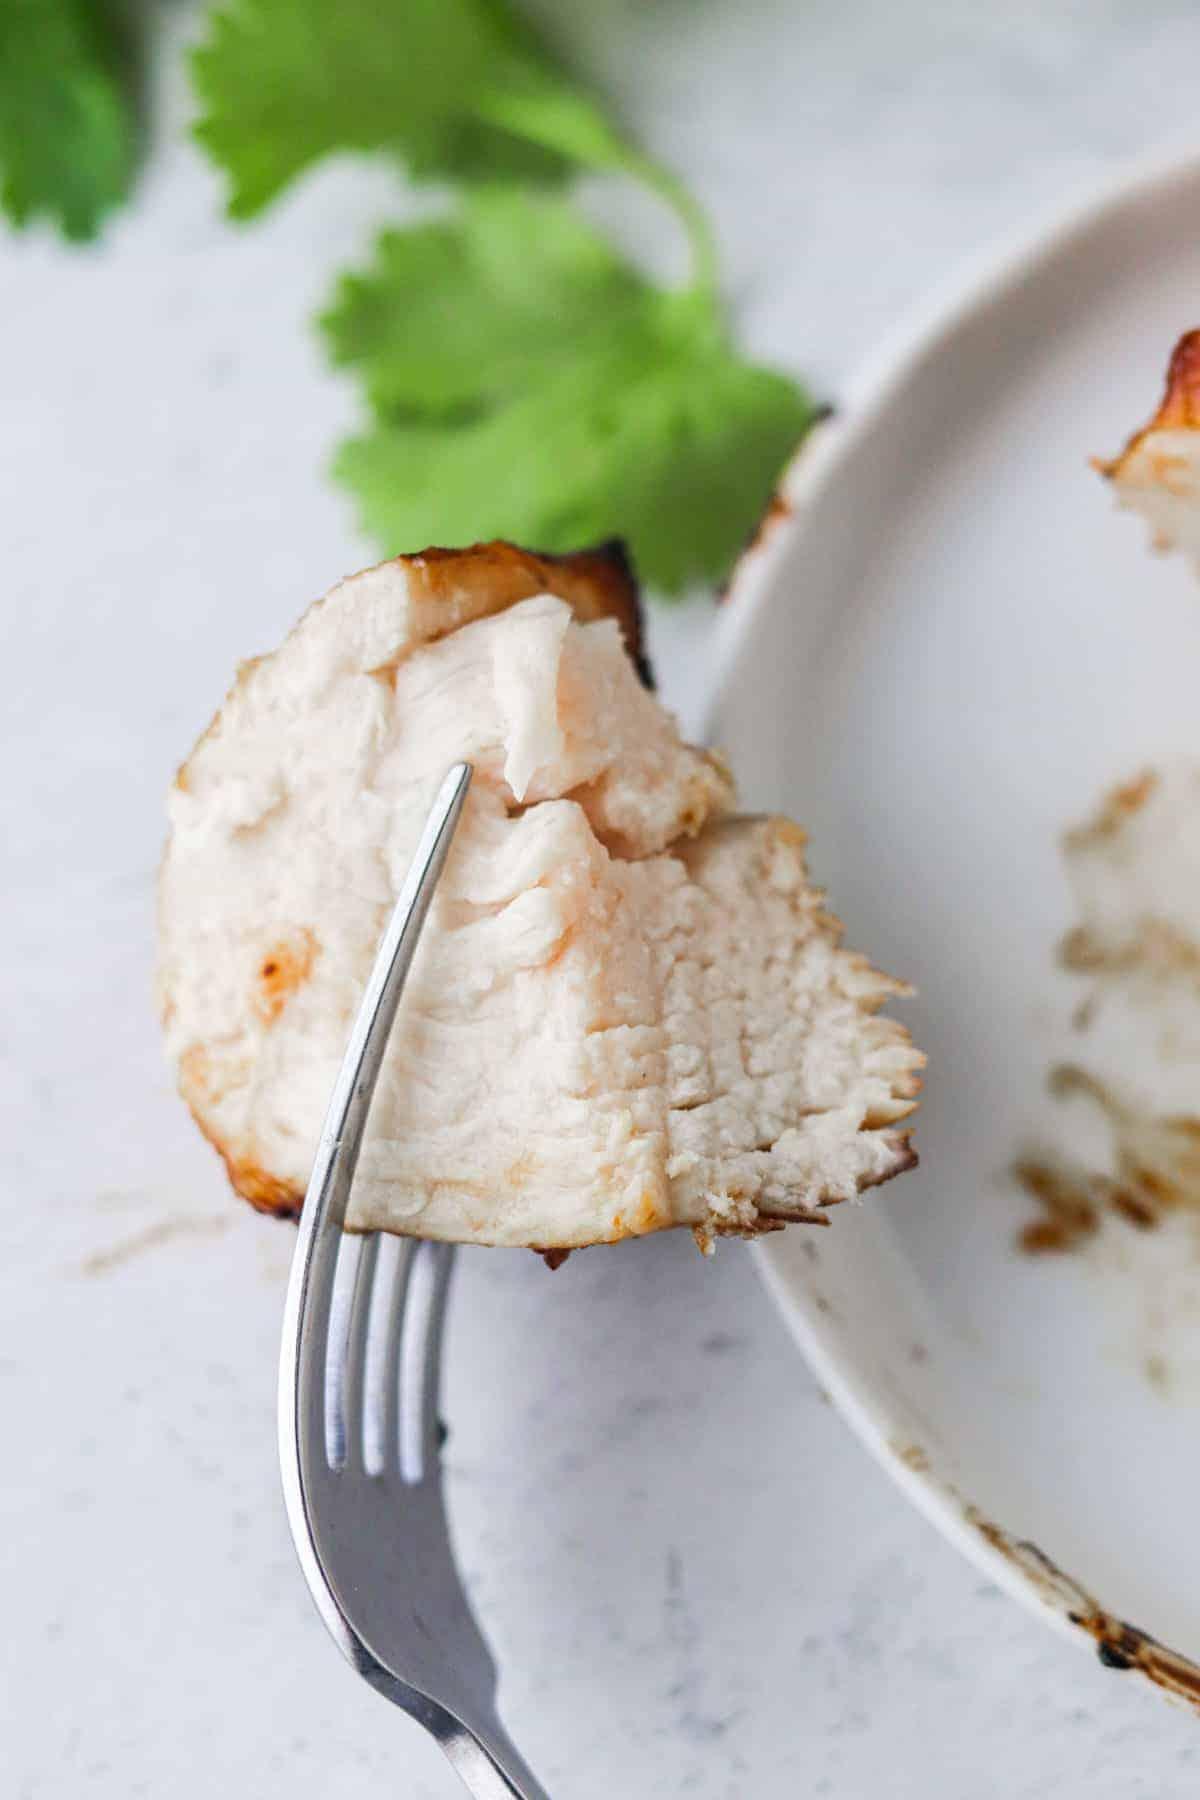 piece of air fryer bbq chicken on a fork